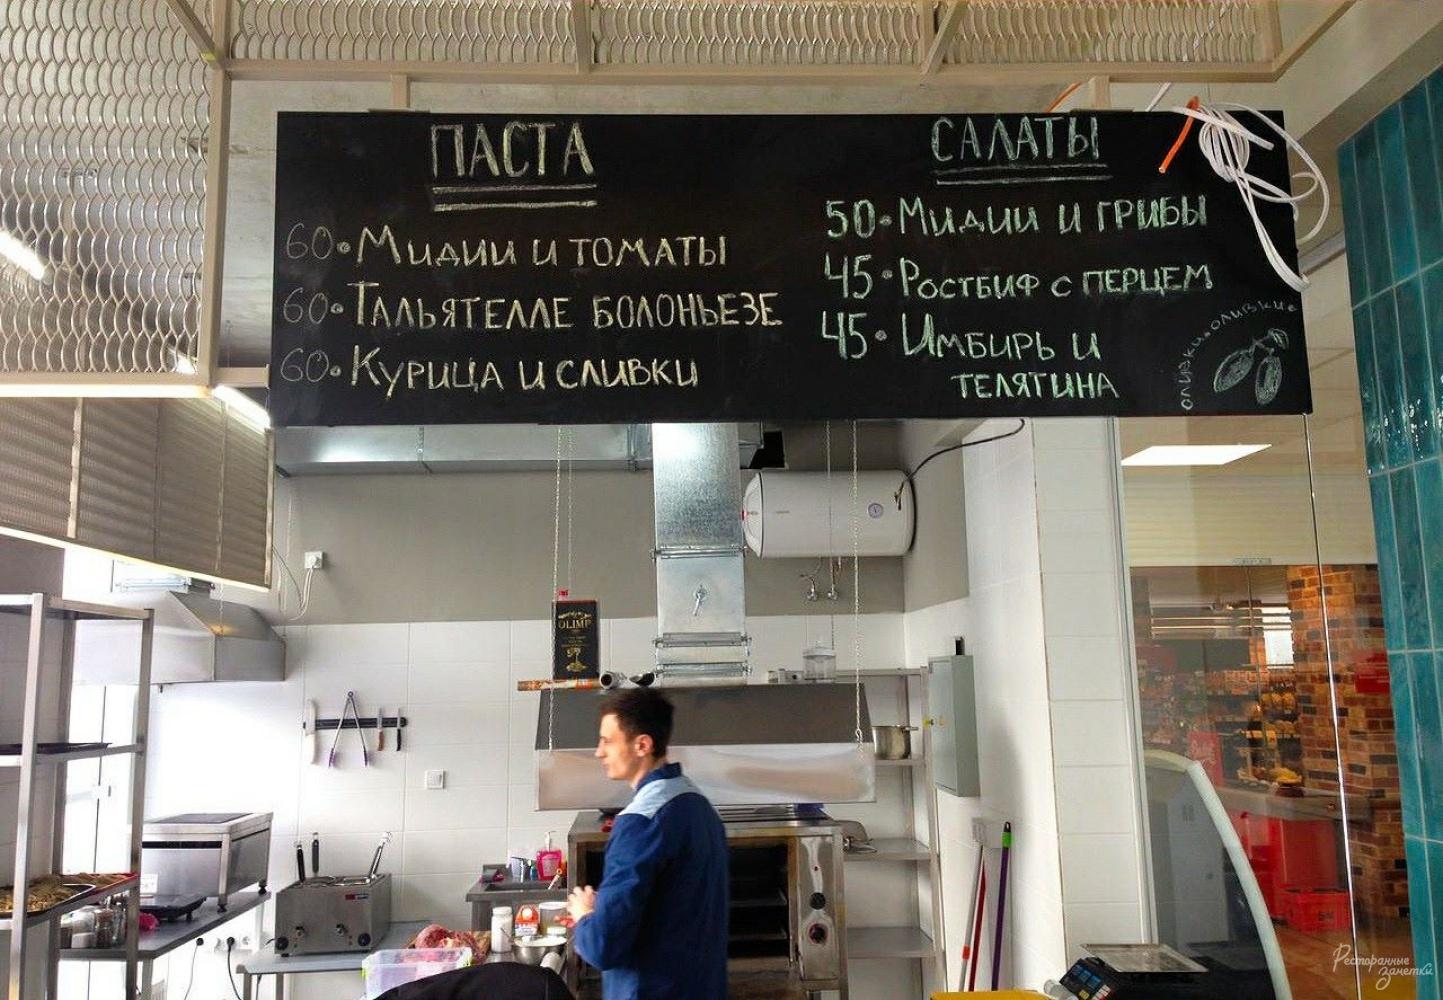 Кафе Pasteria il pasto, Харьков